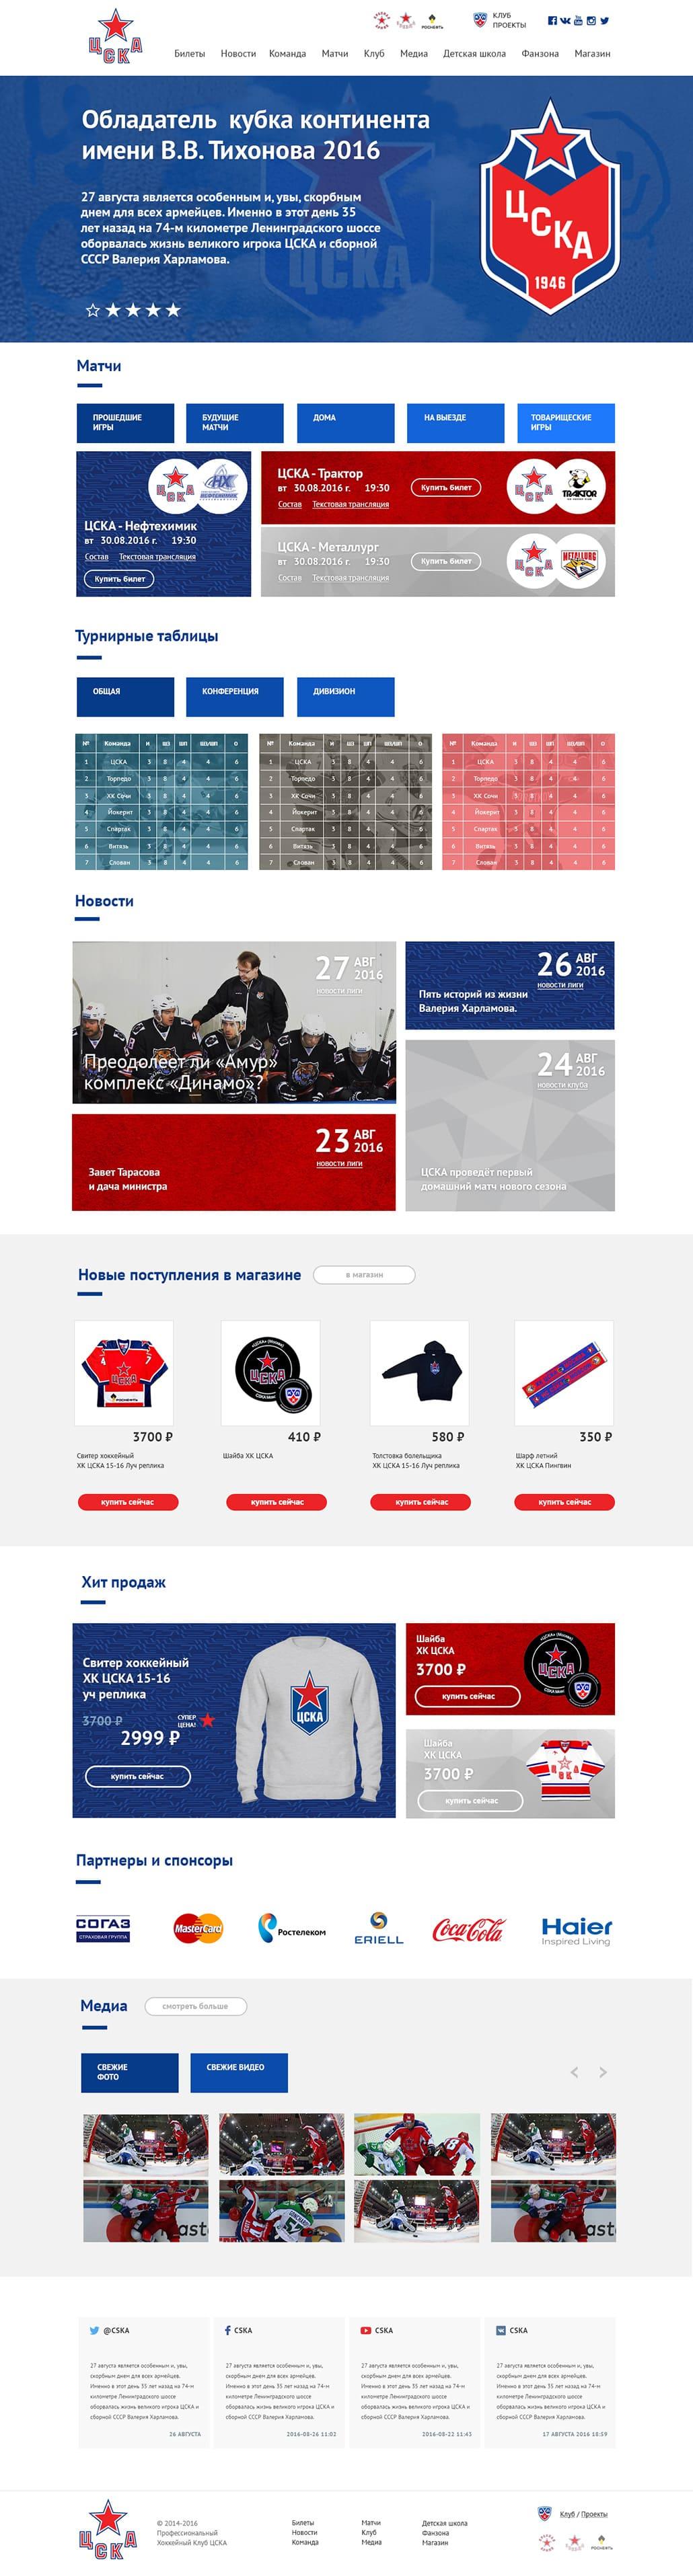 Концепт-дизайн для сайта хоккейного клуба